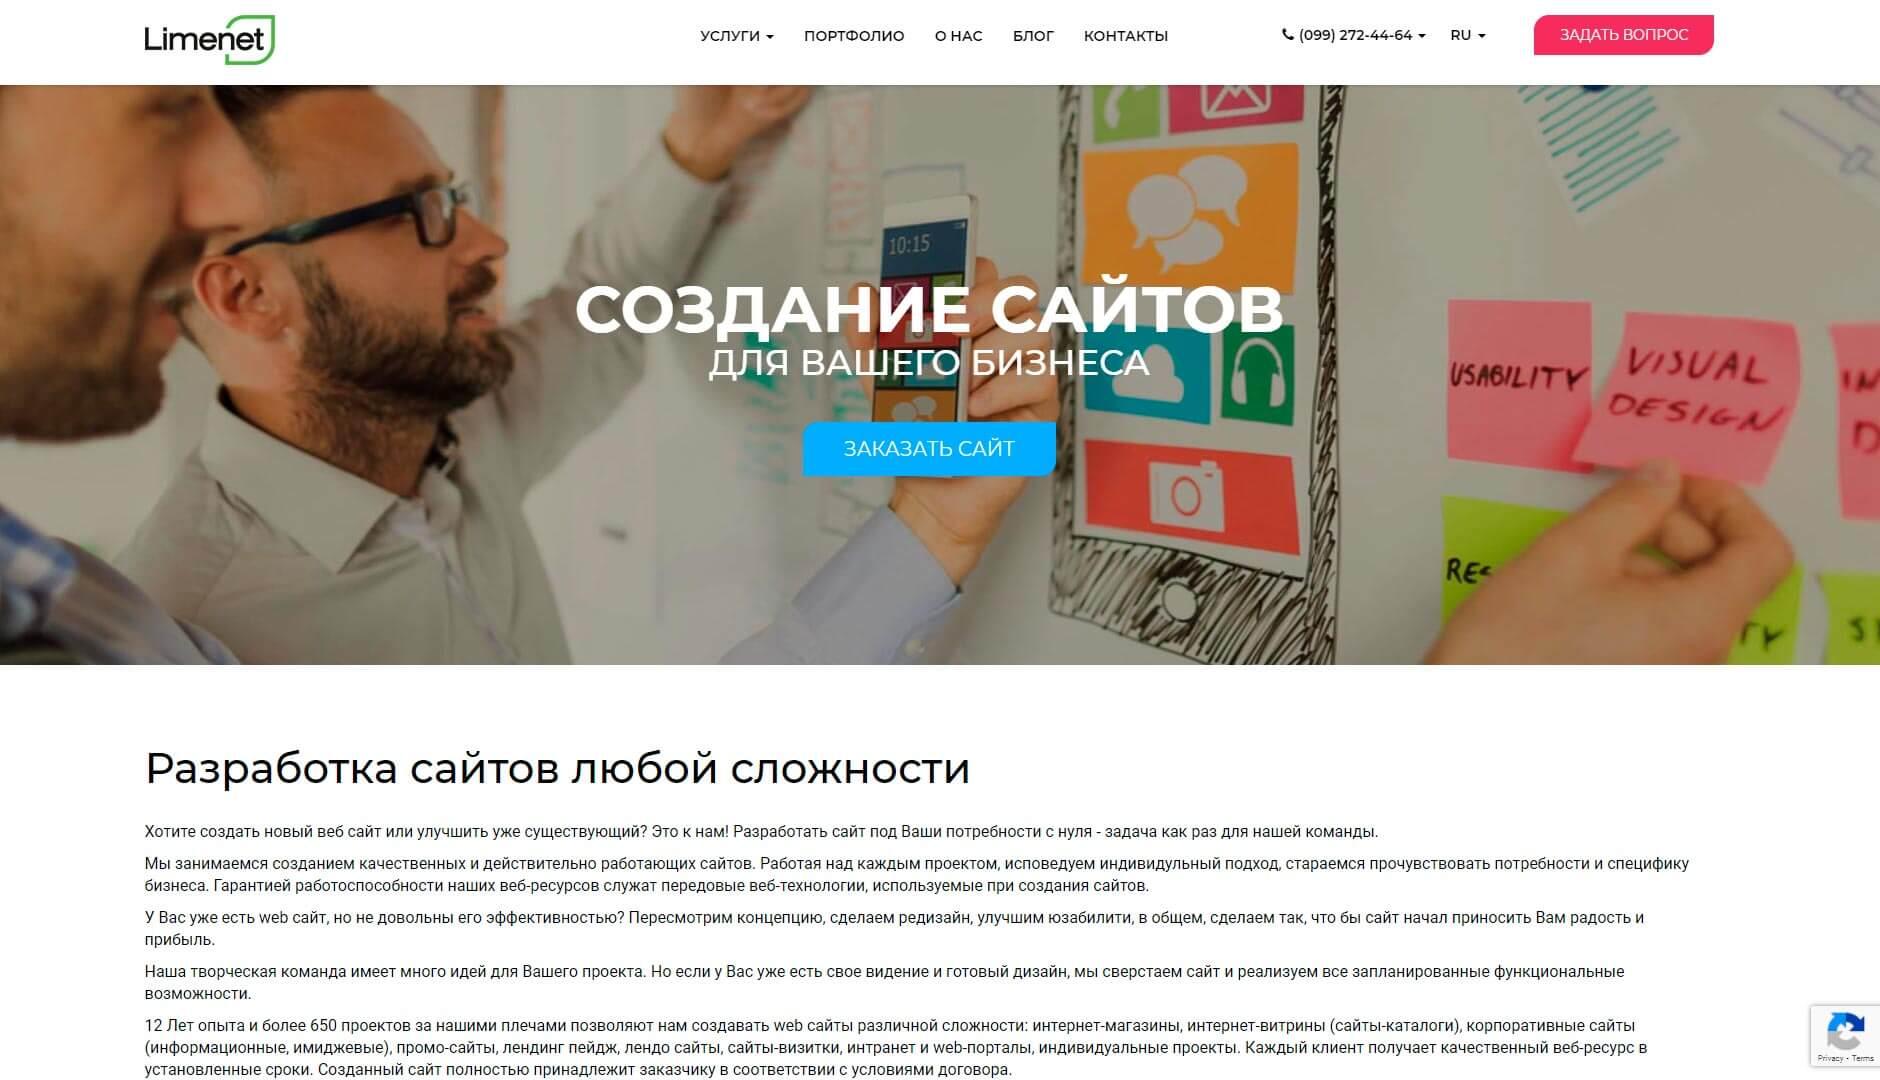 Лаймнет - обзор компании, услуги, отзывы, клиенты | Google SEO, Фото № 2 - google-seo.pro